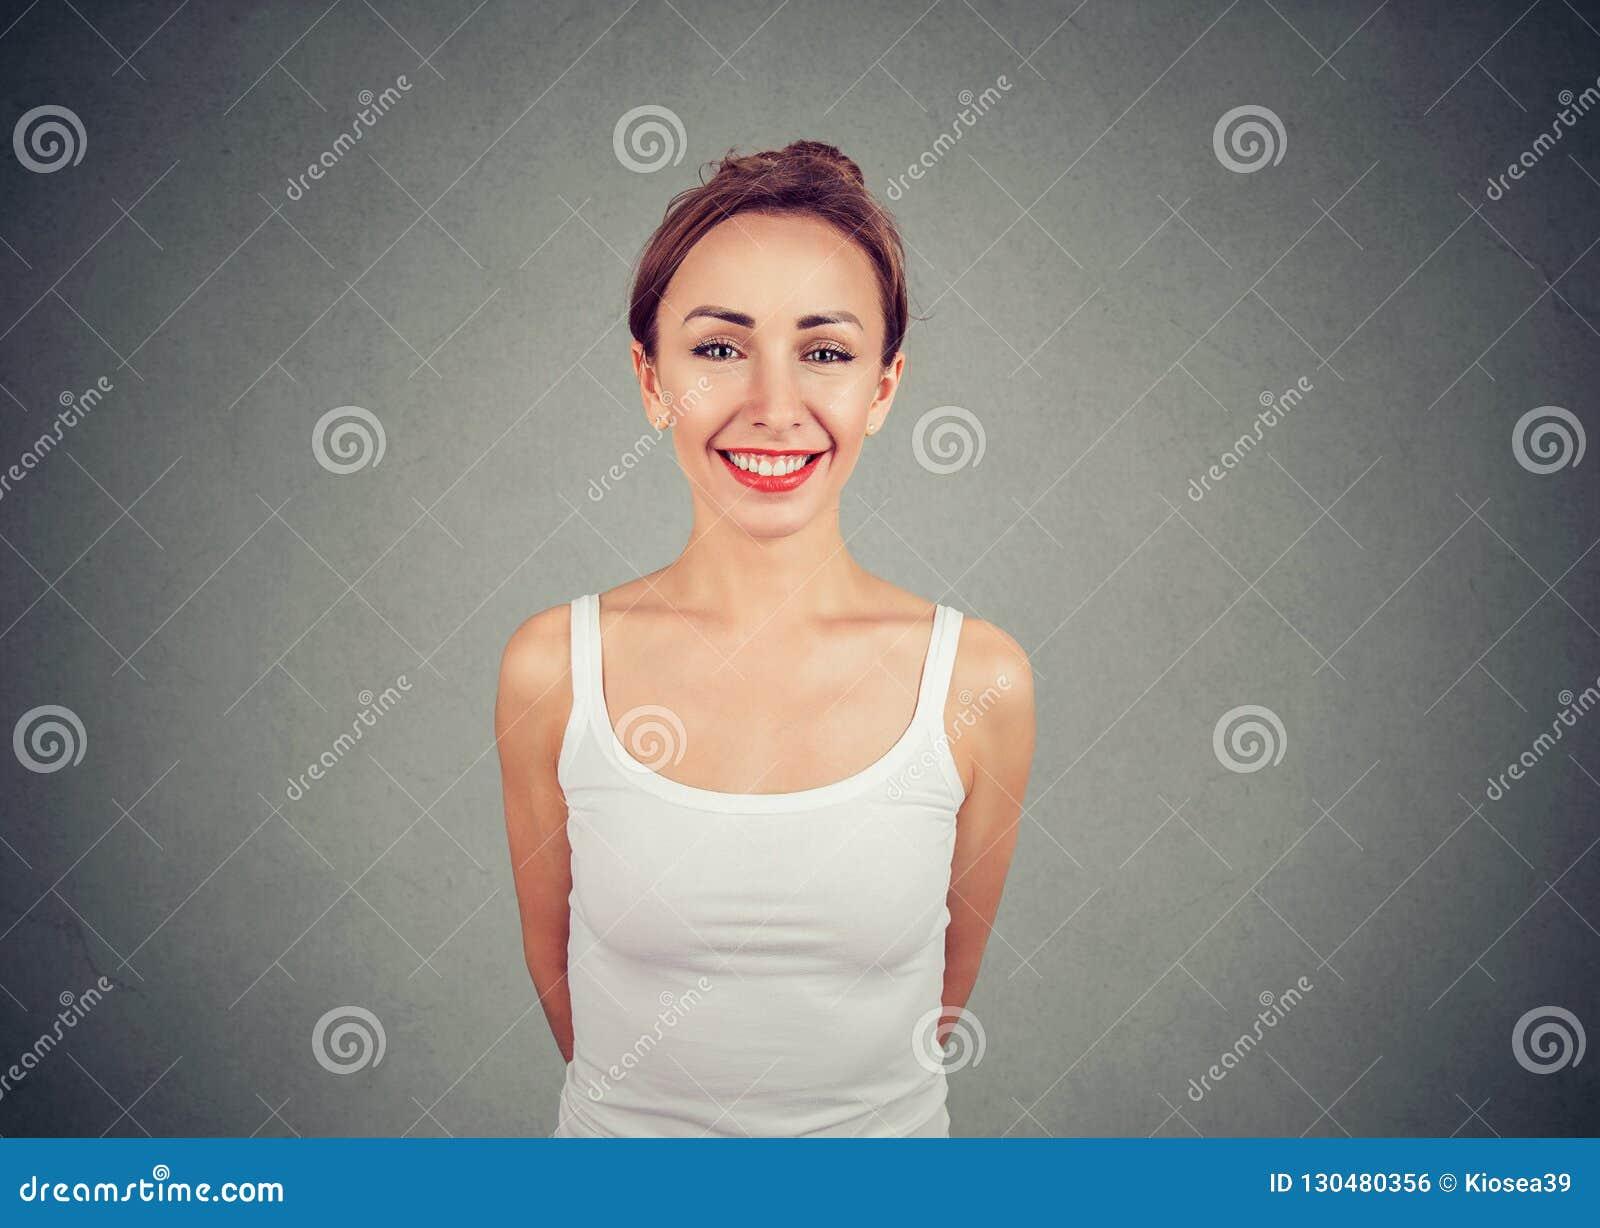 Cheerful young slim woman looking at camera